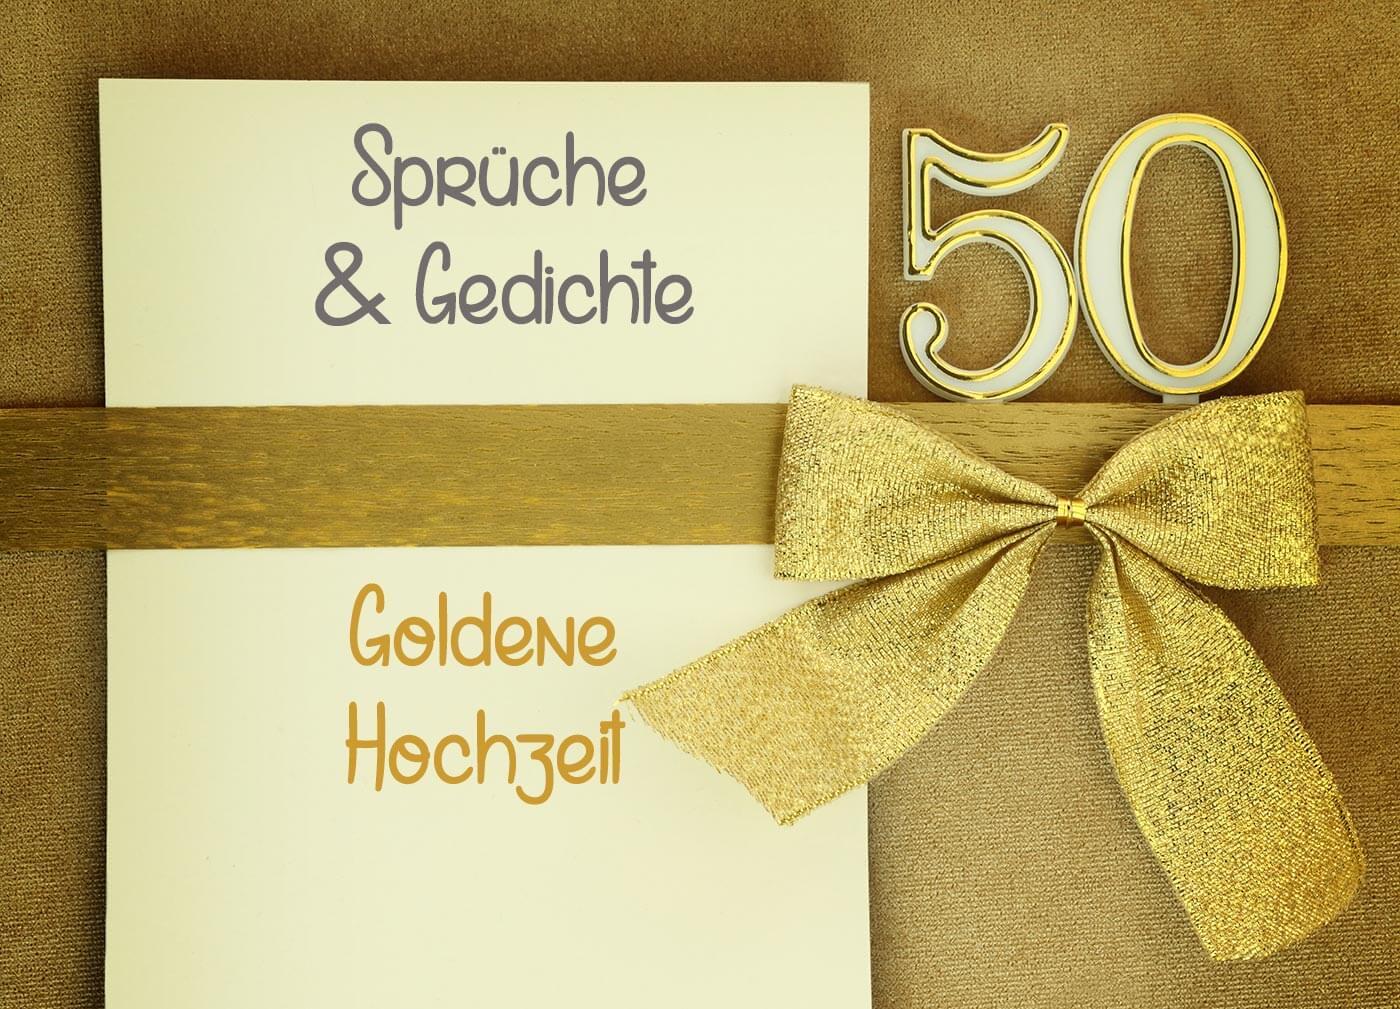 Goldene Hochzeit Hochzeitsportal24